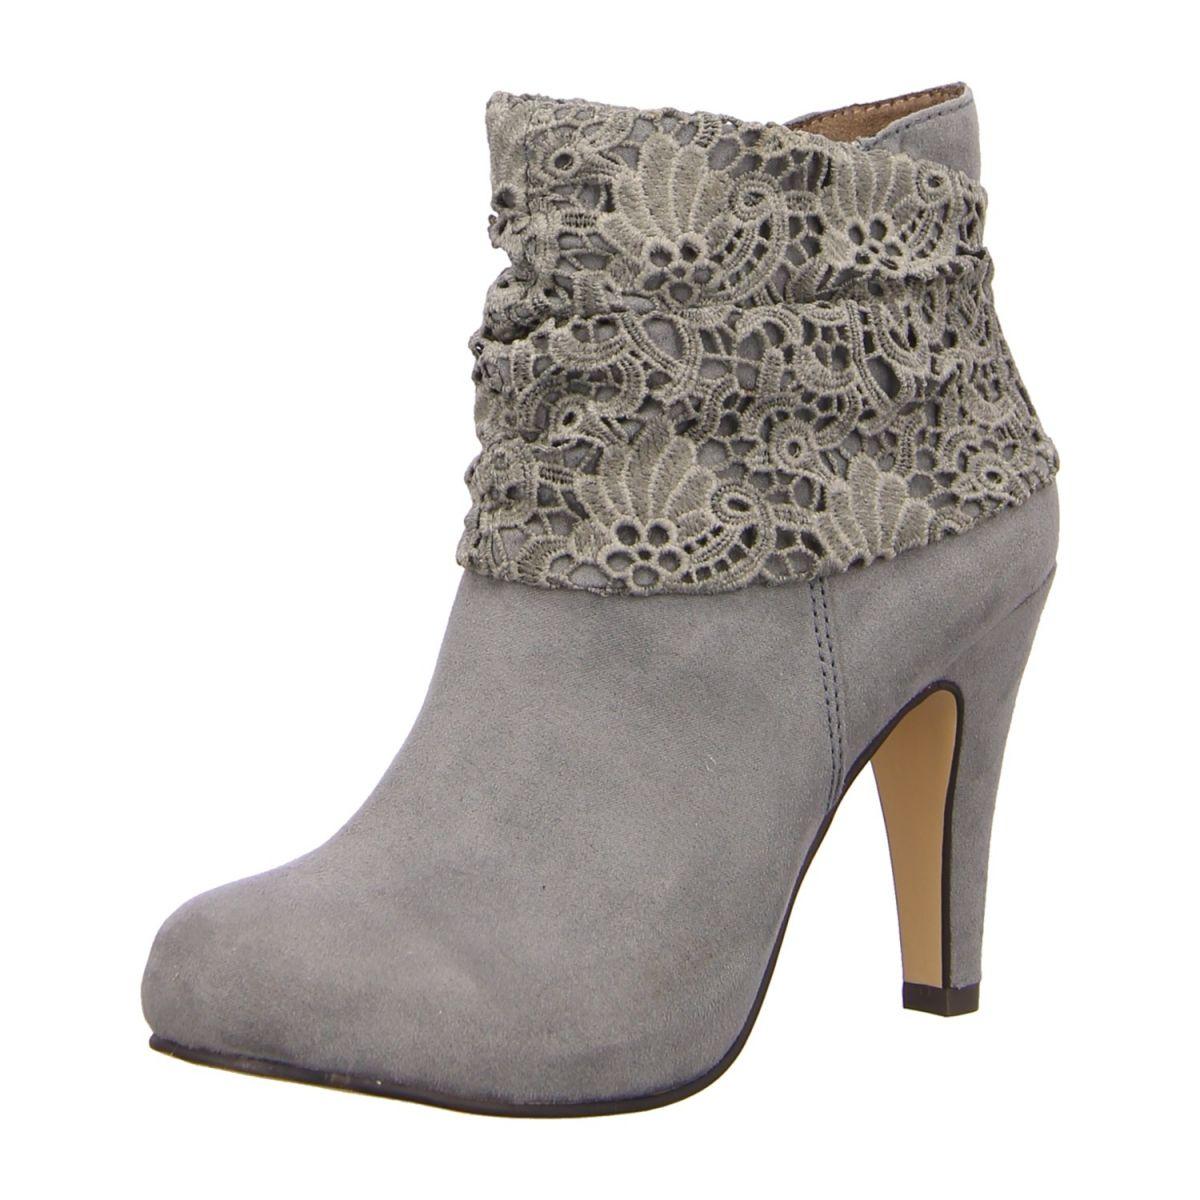 NEU: Tamaris Stiefeletten 1 1 25324 26 200 grey   Schuhe